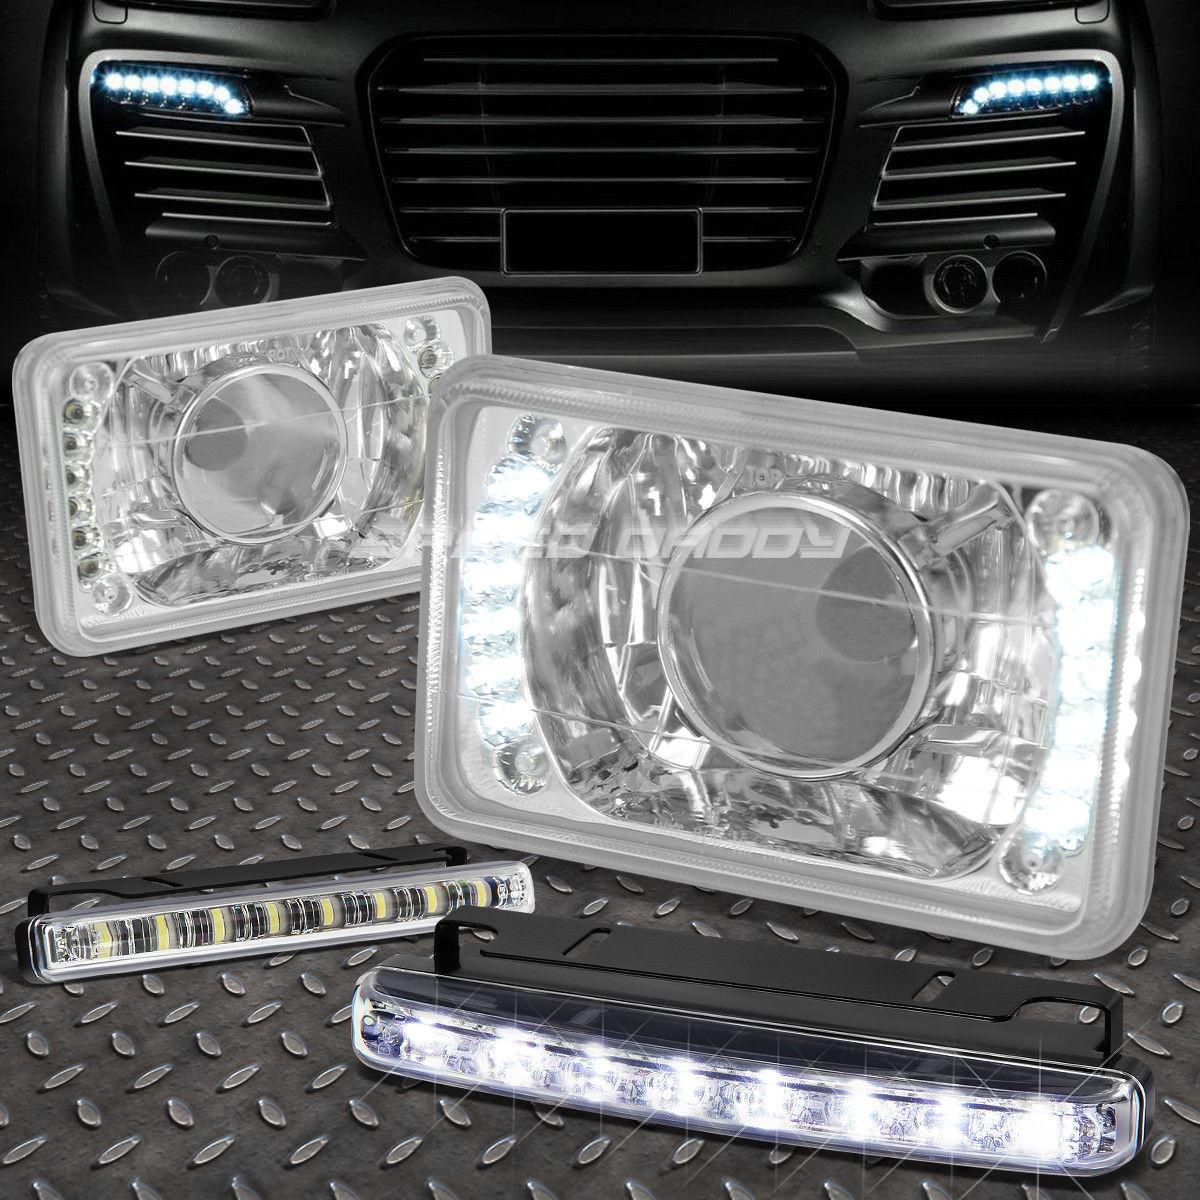 フォグライト 4x6 SQUARE CHROME PROJECTOR LED HEADLIGHT+8 LED GRILL FOG LIGHT FOR CADILAC/GMC 4x6スクエアクロームプロジェクターLEDヘッドライト+ 8 LEDグリッドフォグライト/ CADILLAC / GMC